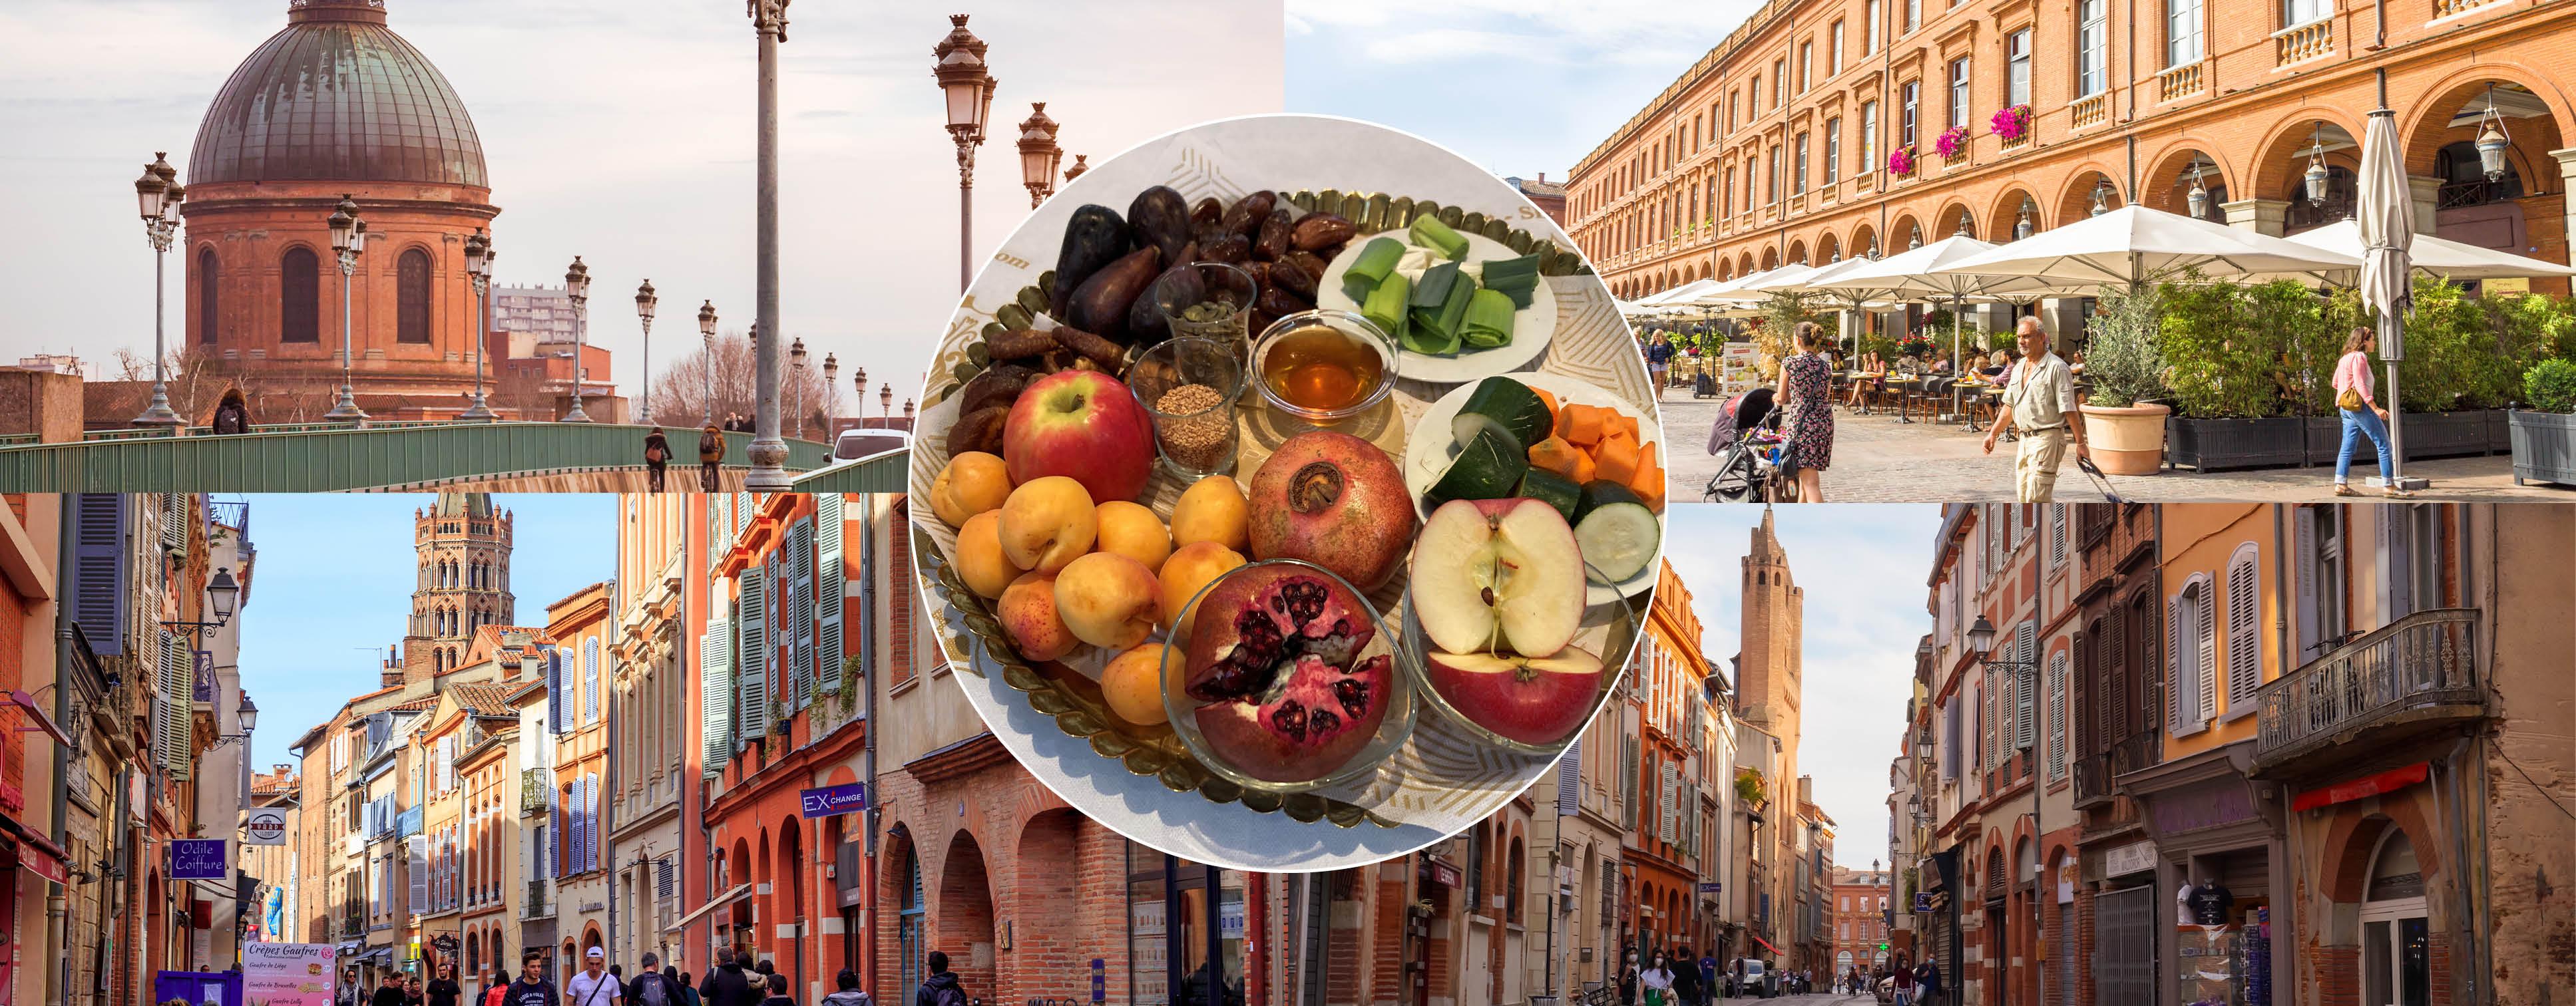 Escapade culturelle à Toulouse, la Ville rose